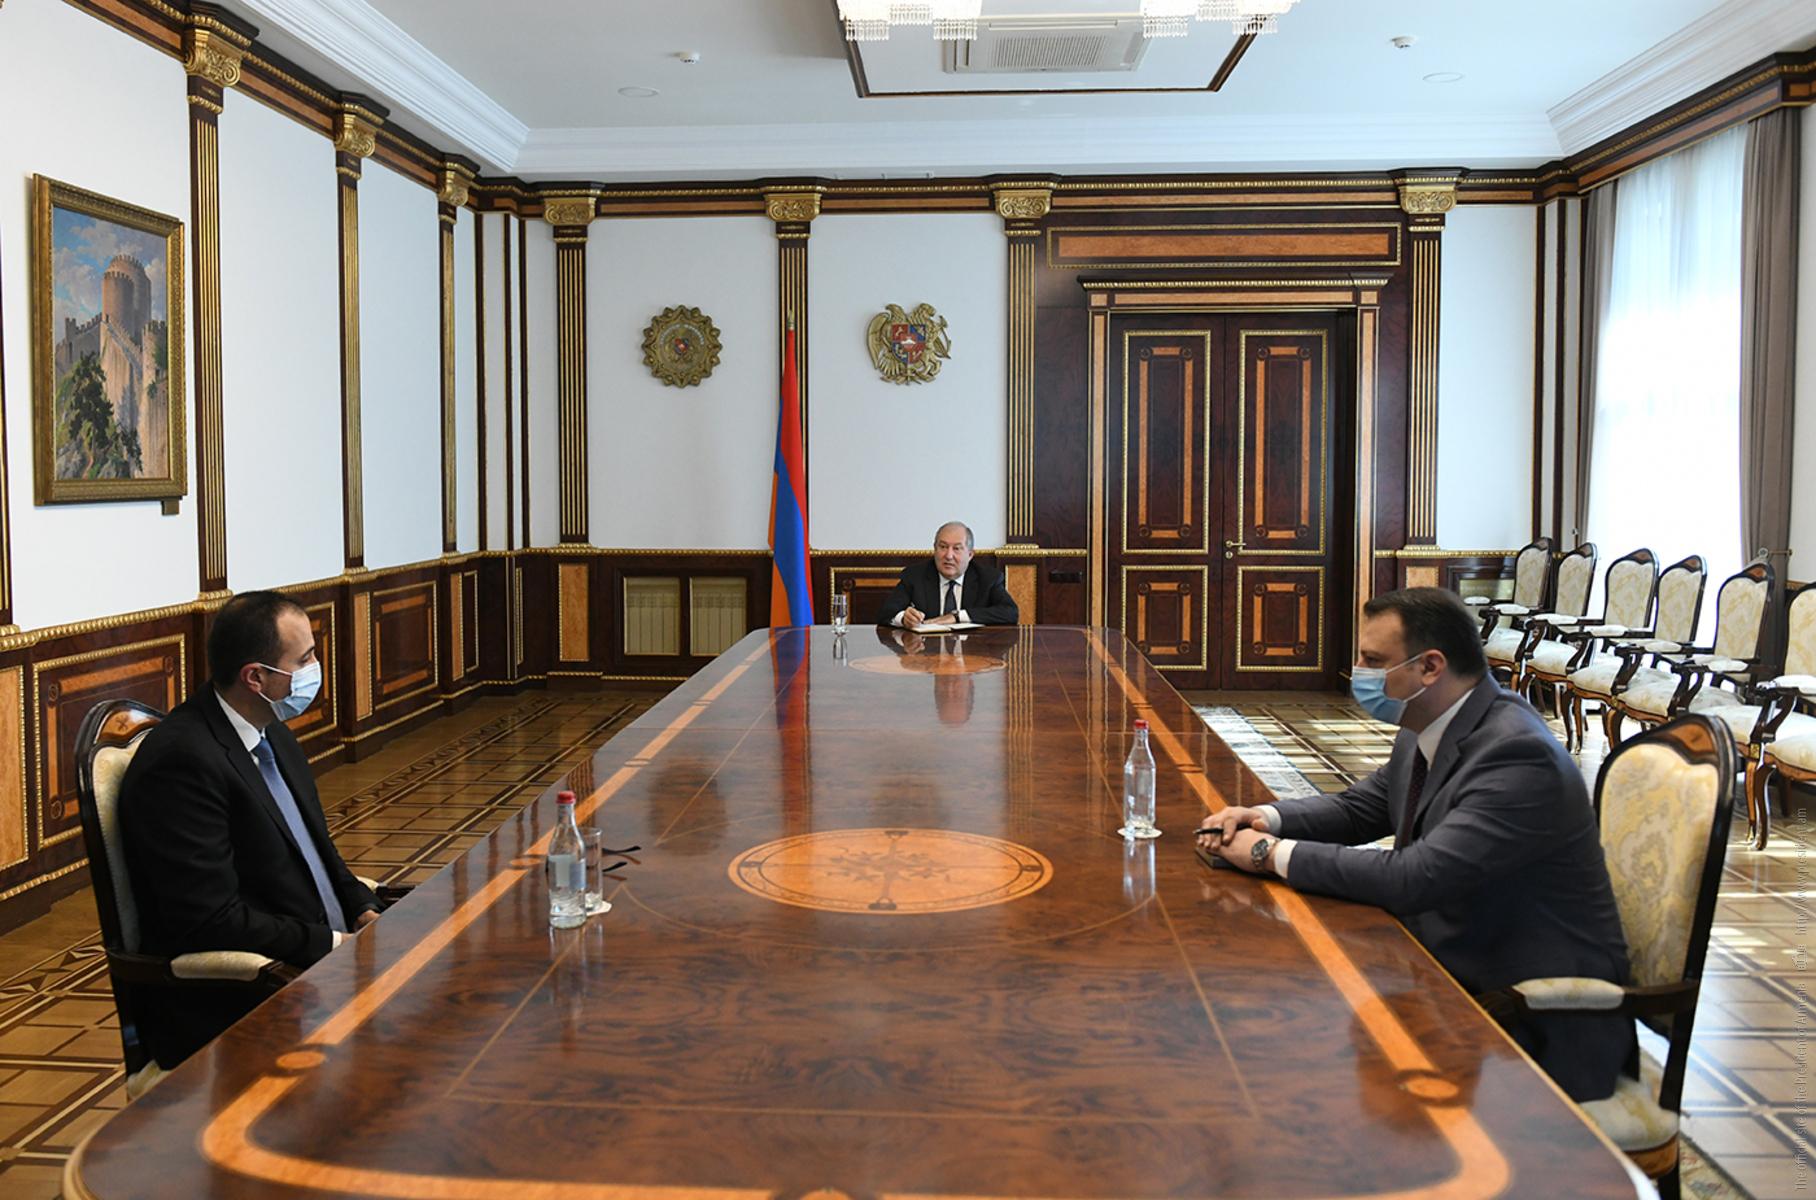 Photo of Նախագահ Սարգսյանը հանդիպում է ունեցել առողջապահության նախարարի հետ